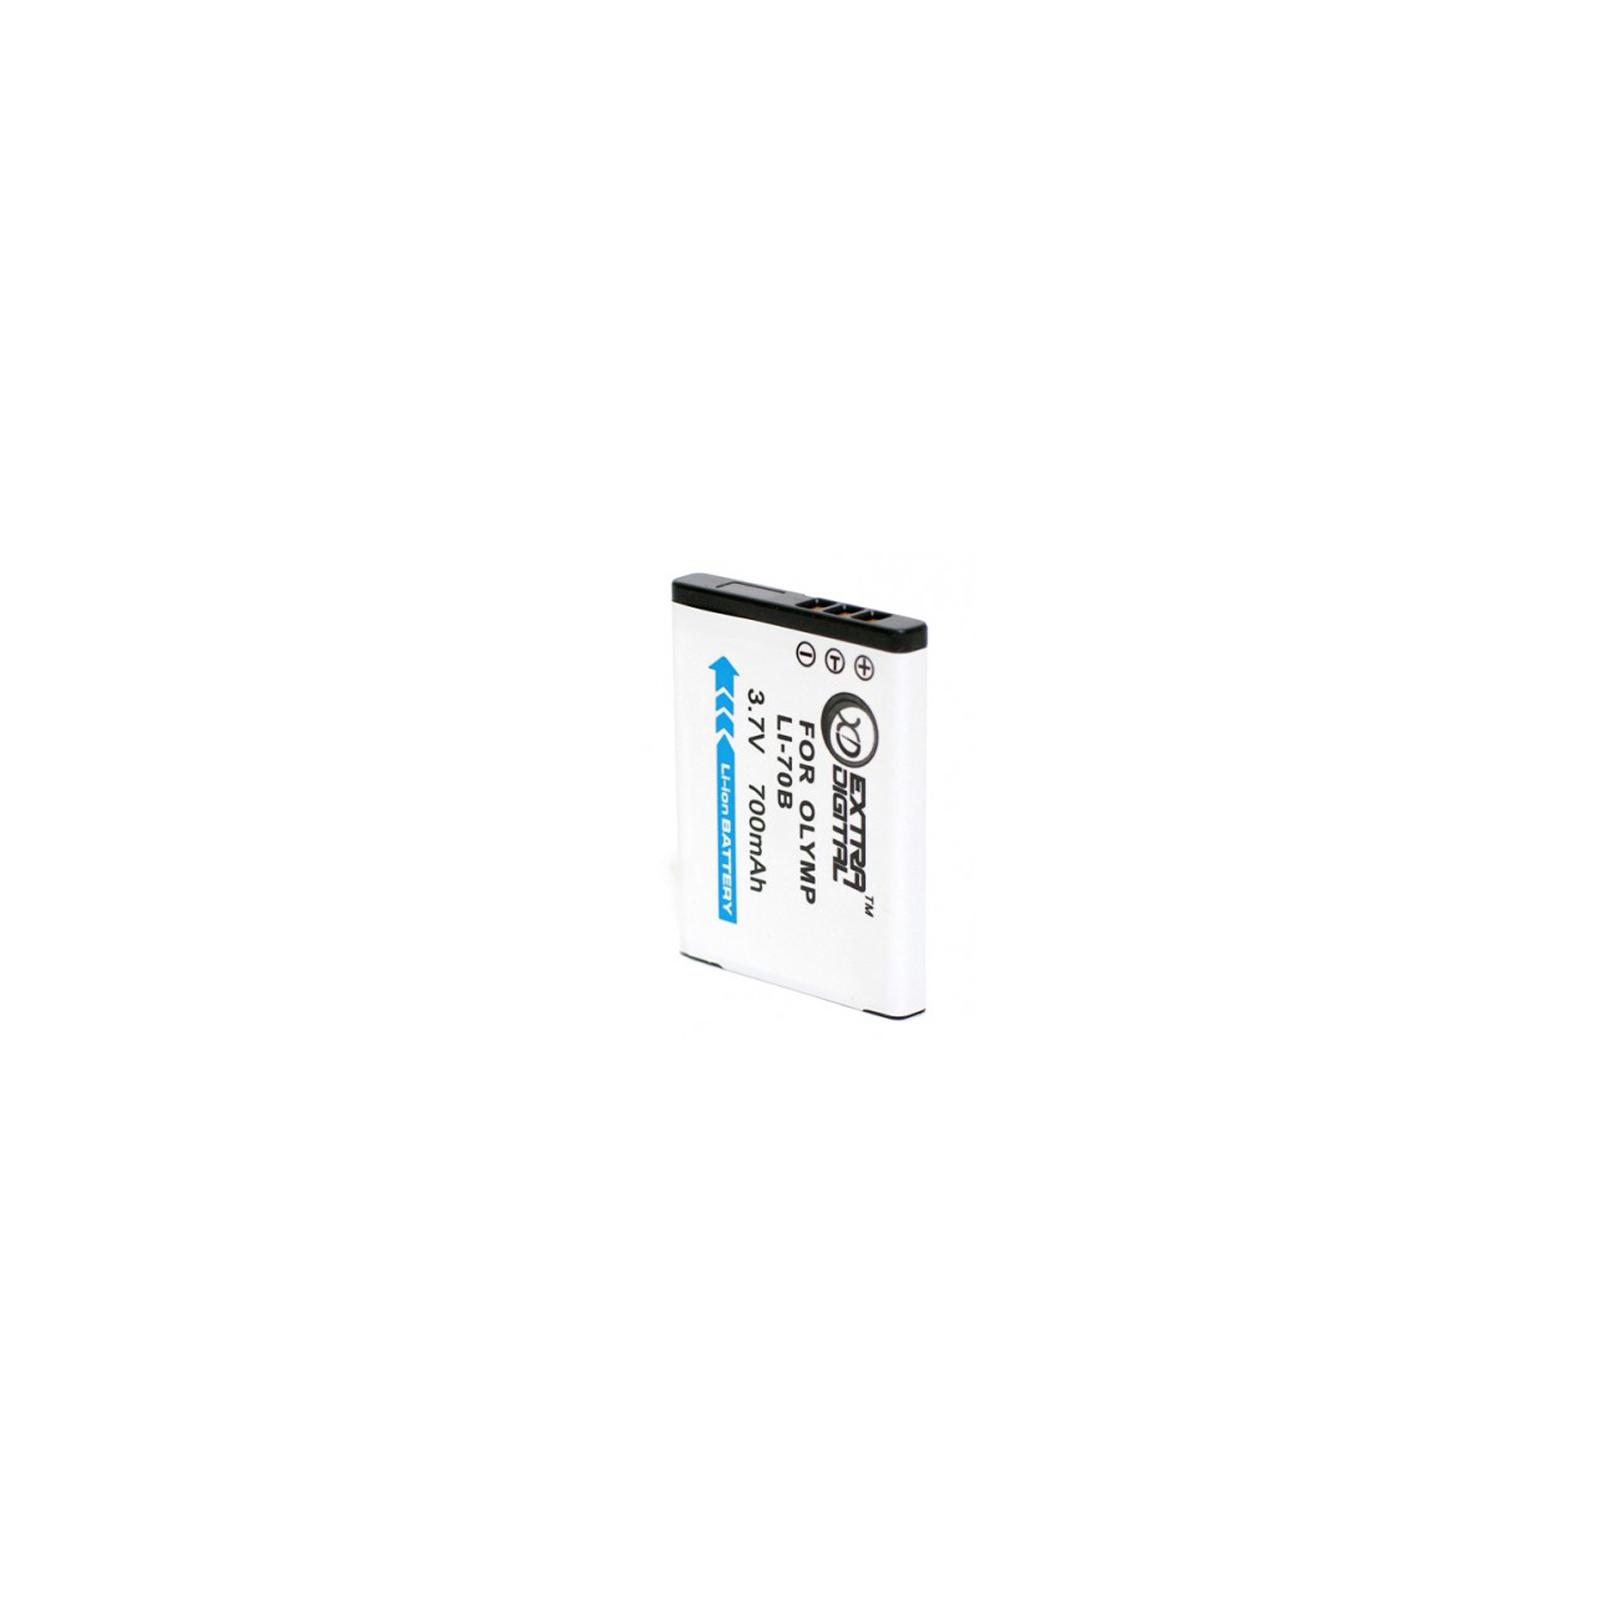 Аккумулятор к фото/видео EXTRADIGITAL Olympus LI-70B (BDO2541) изображение 2